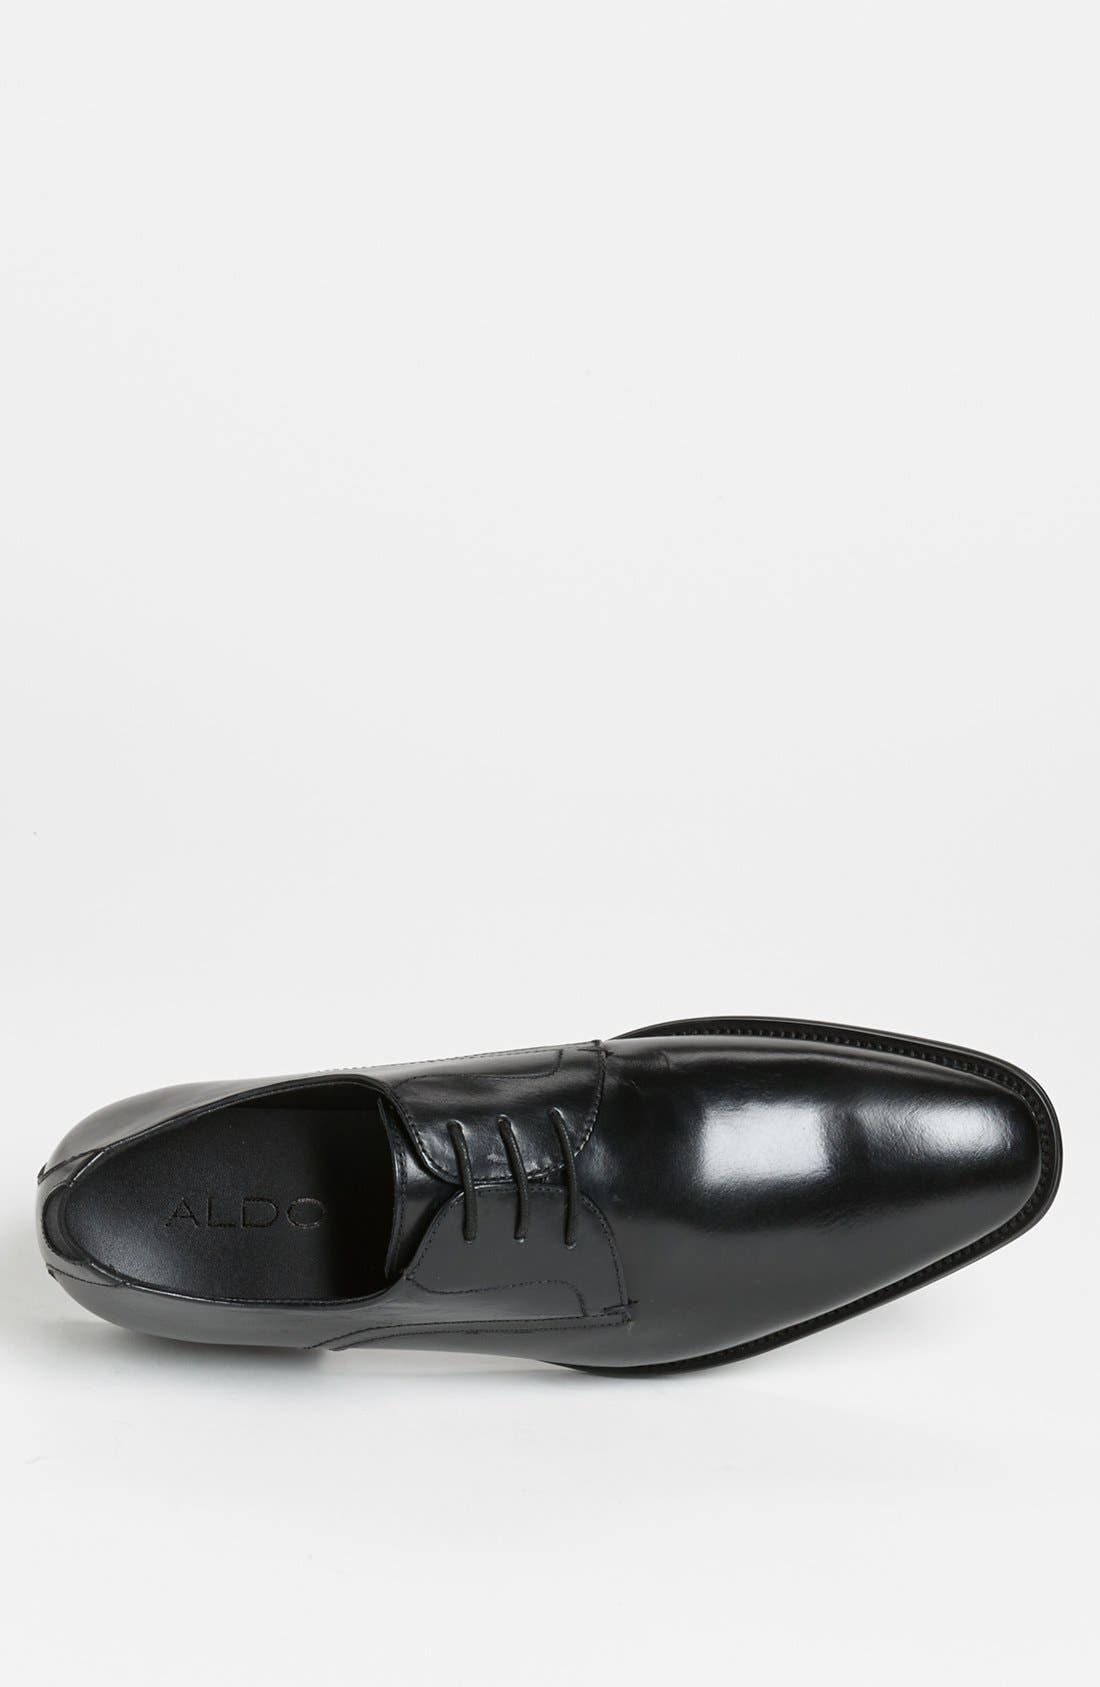 Alternate Image 3  - ALDO 'Simmons' Plain Toe Derby (Men)